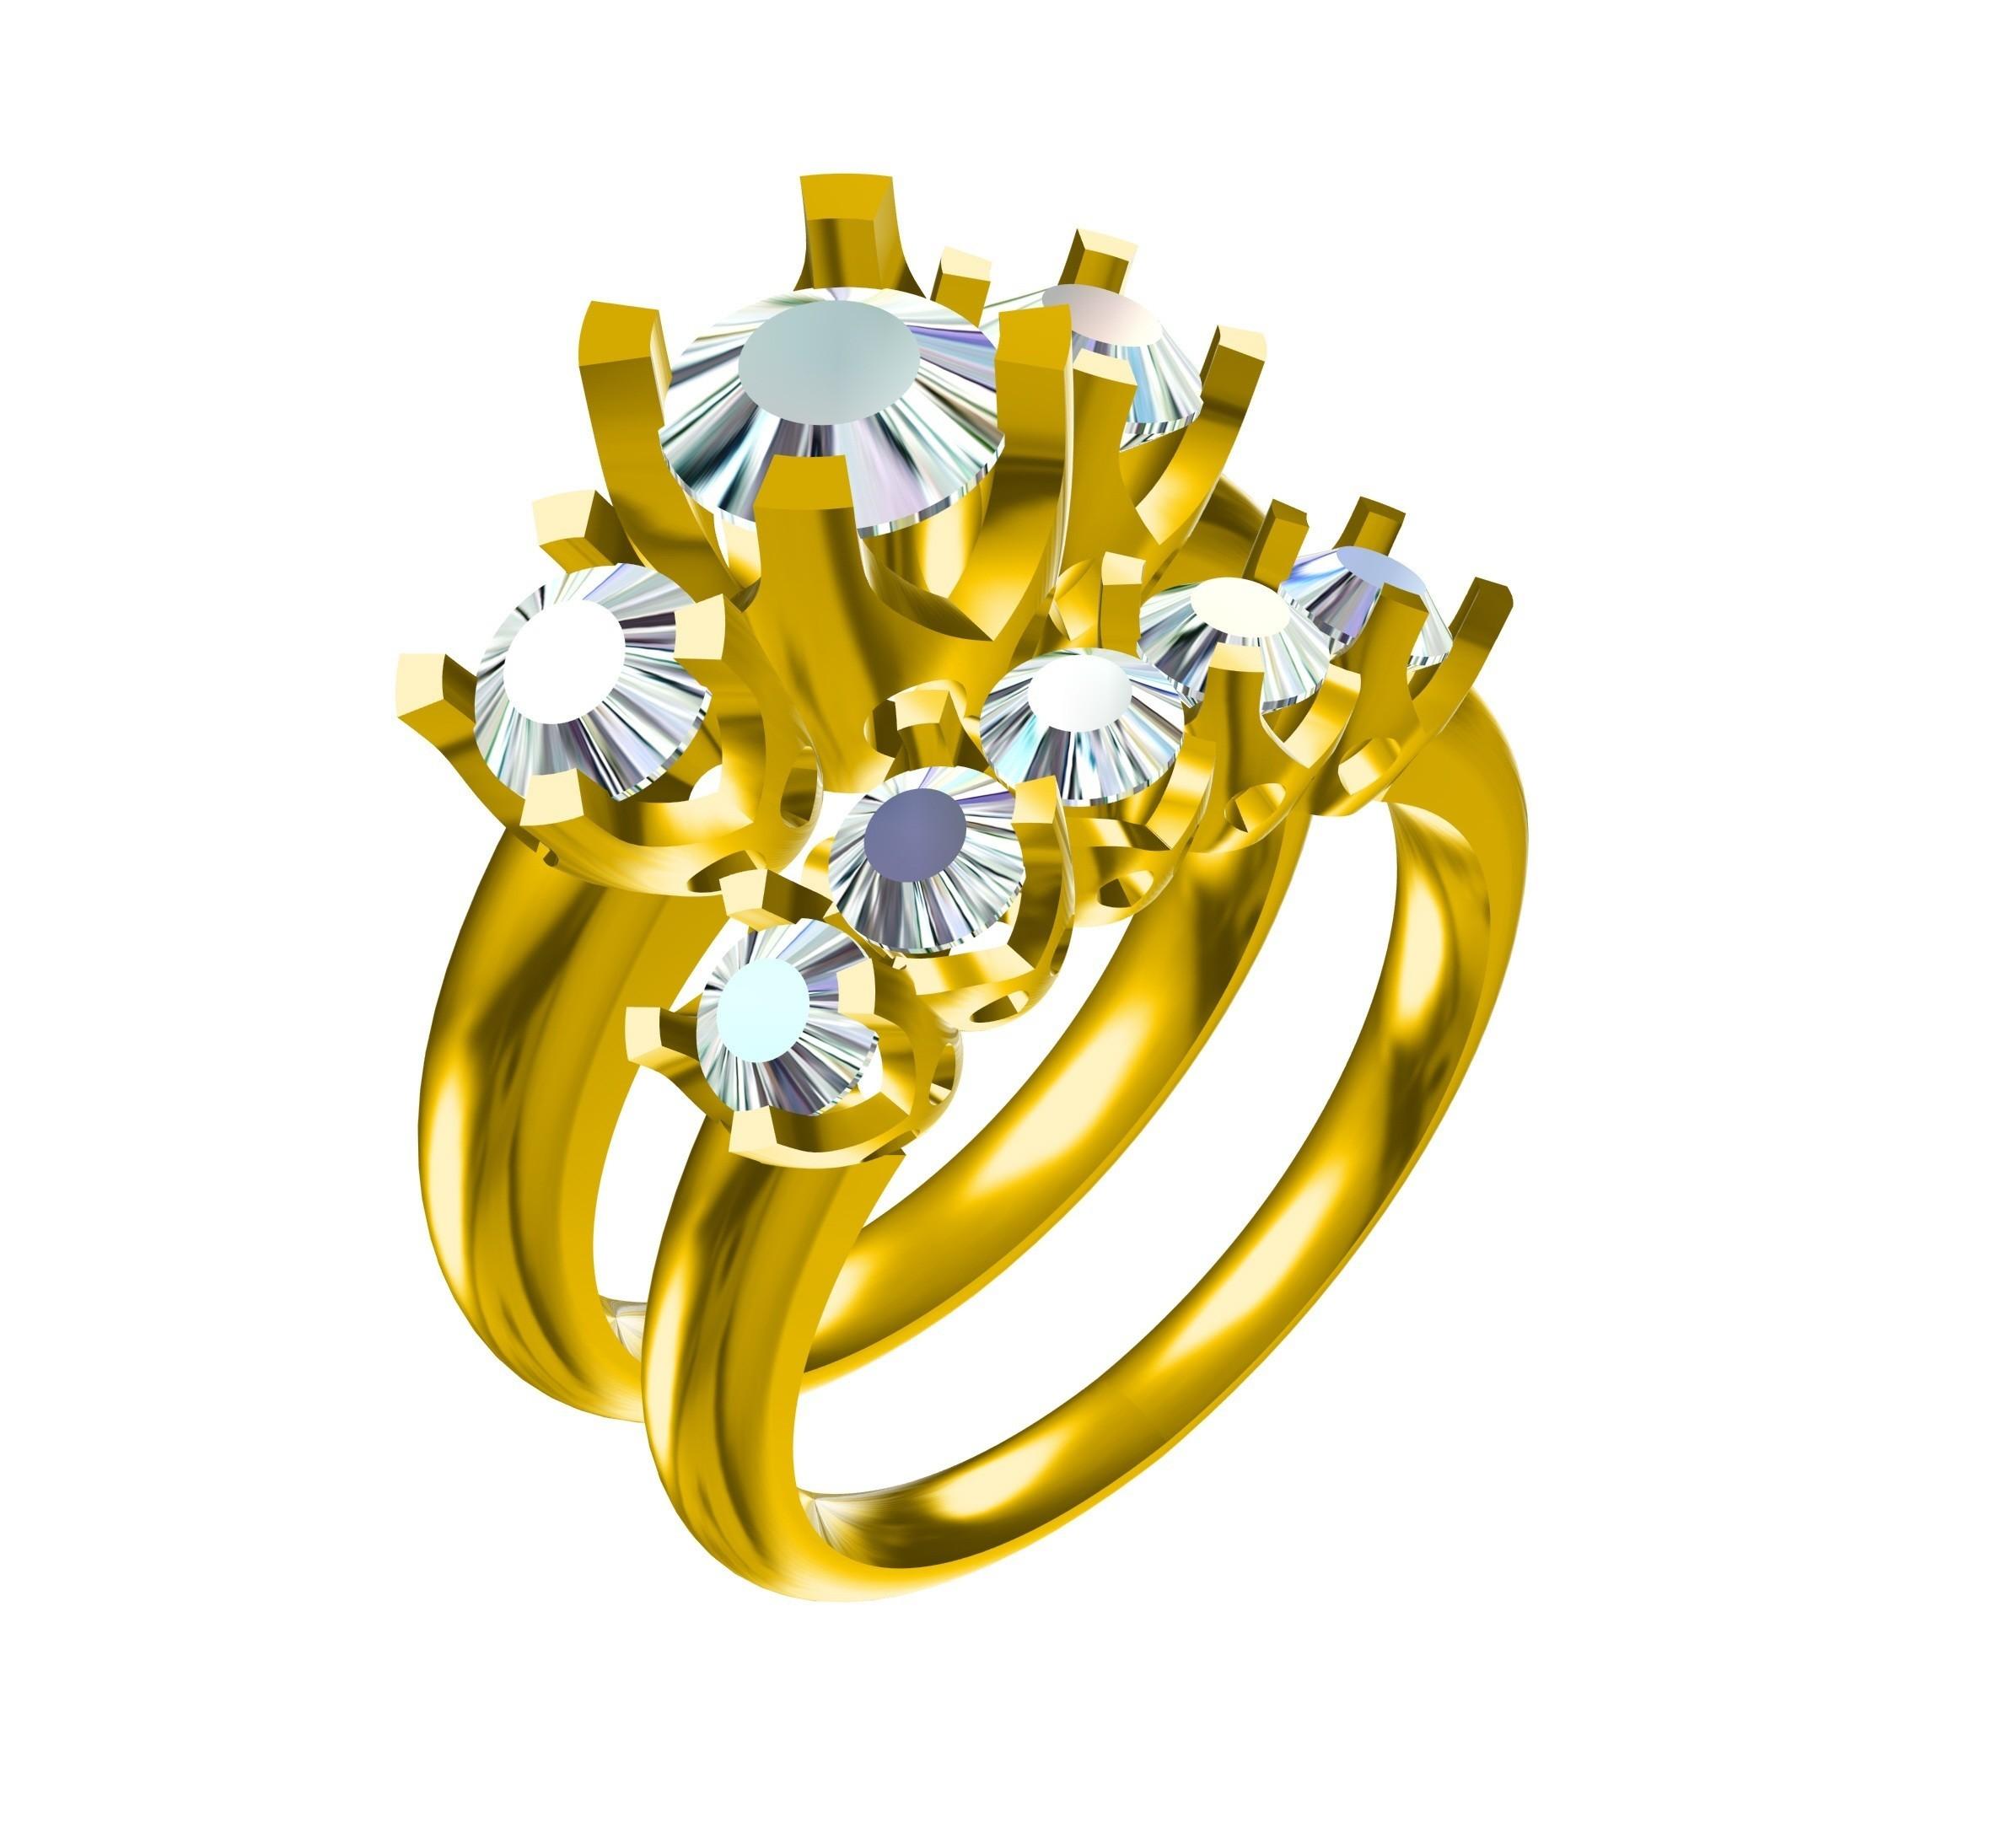 RG26416.jpg Download STL file 3D Jewelry CAD Model For Wedding Bridal Ring Set • 3D printer model, VR3D